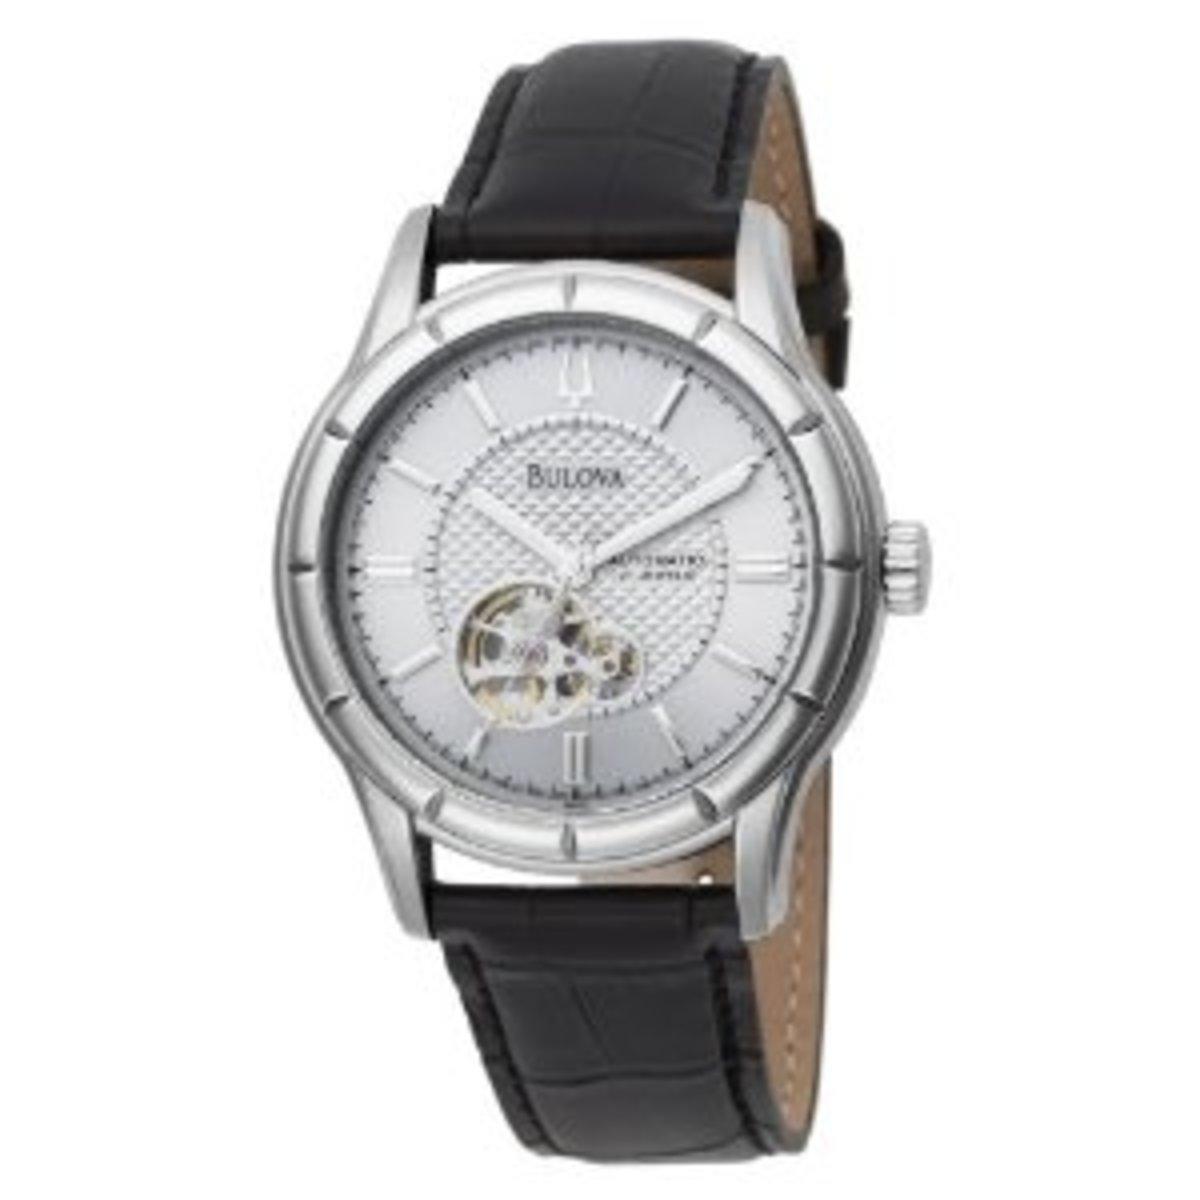 Bulova Men's 96A111 Automatic Strap Silver White Dial Watch